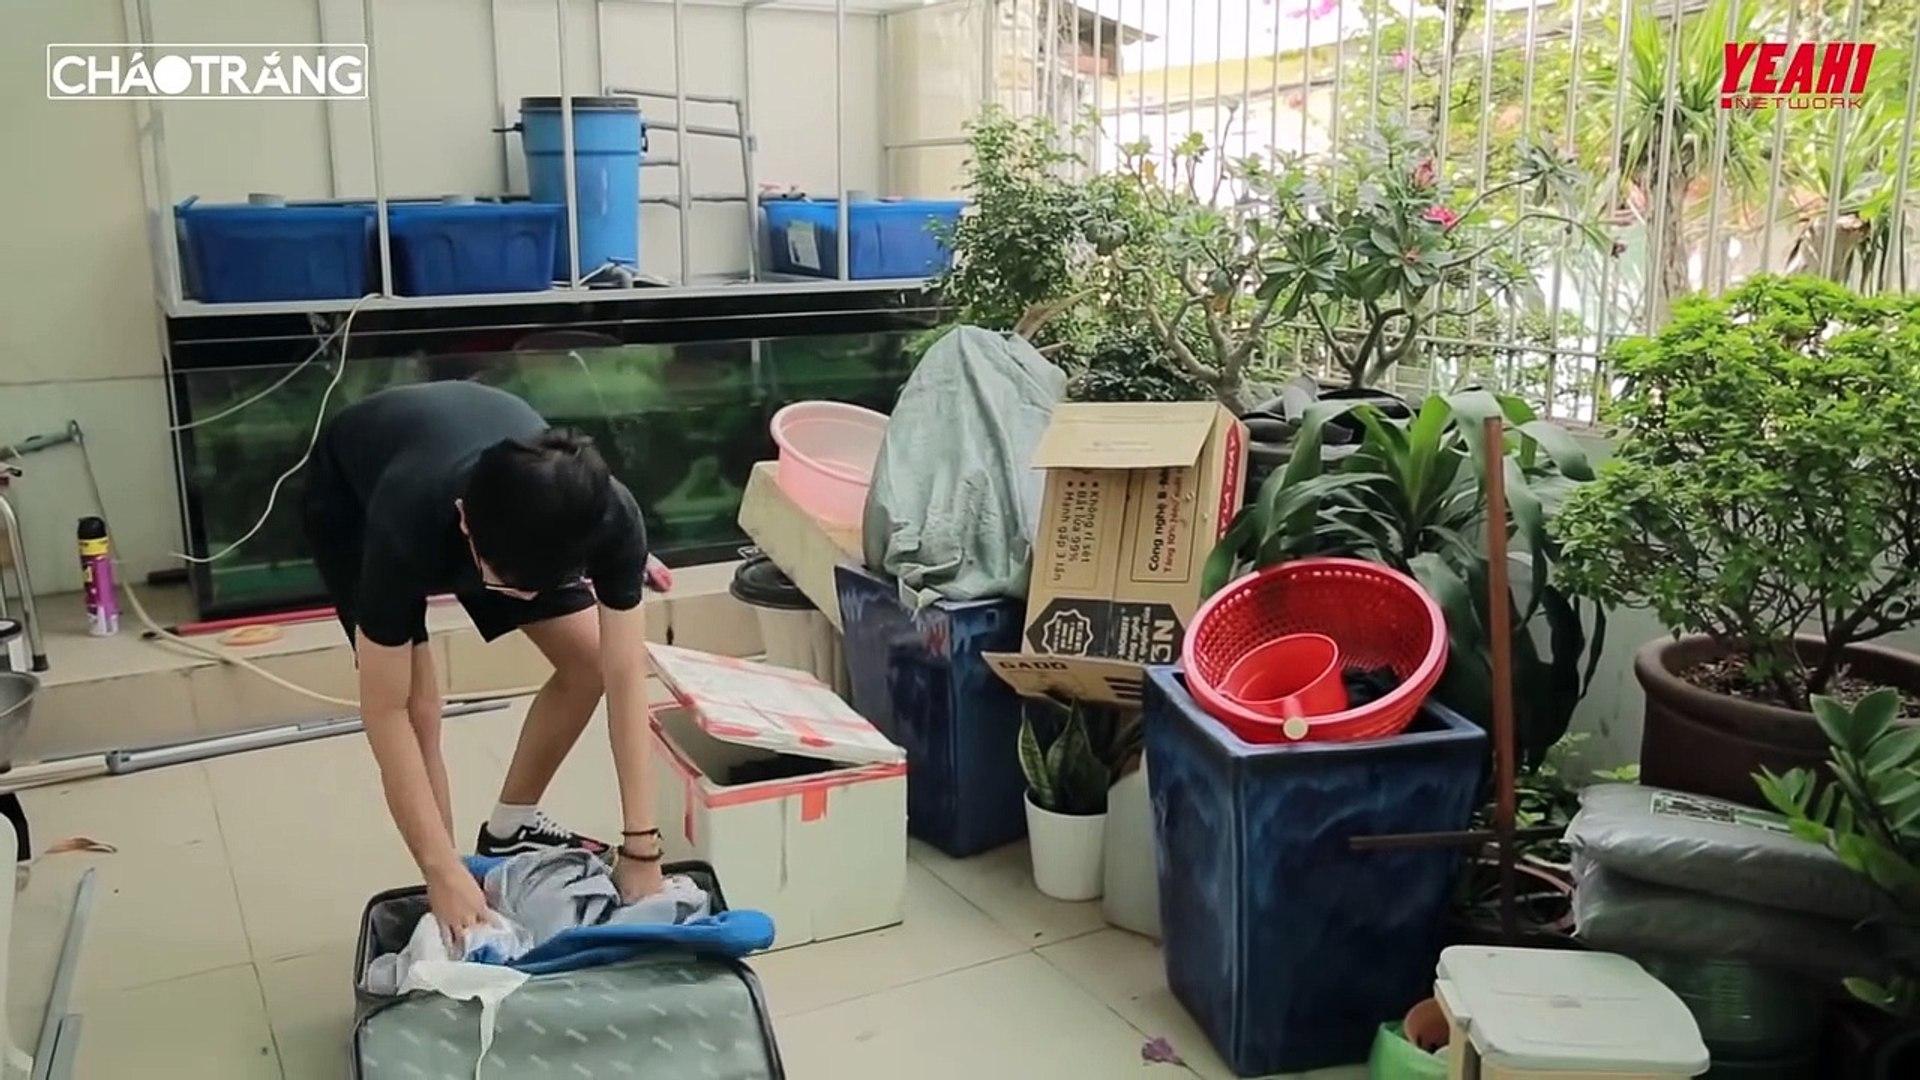 Gã nhà giàu coi thường túi đồ cũ rách vứt cho người nghèo - Phim Ngắn 2019 - Cháo Trắng 17